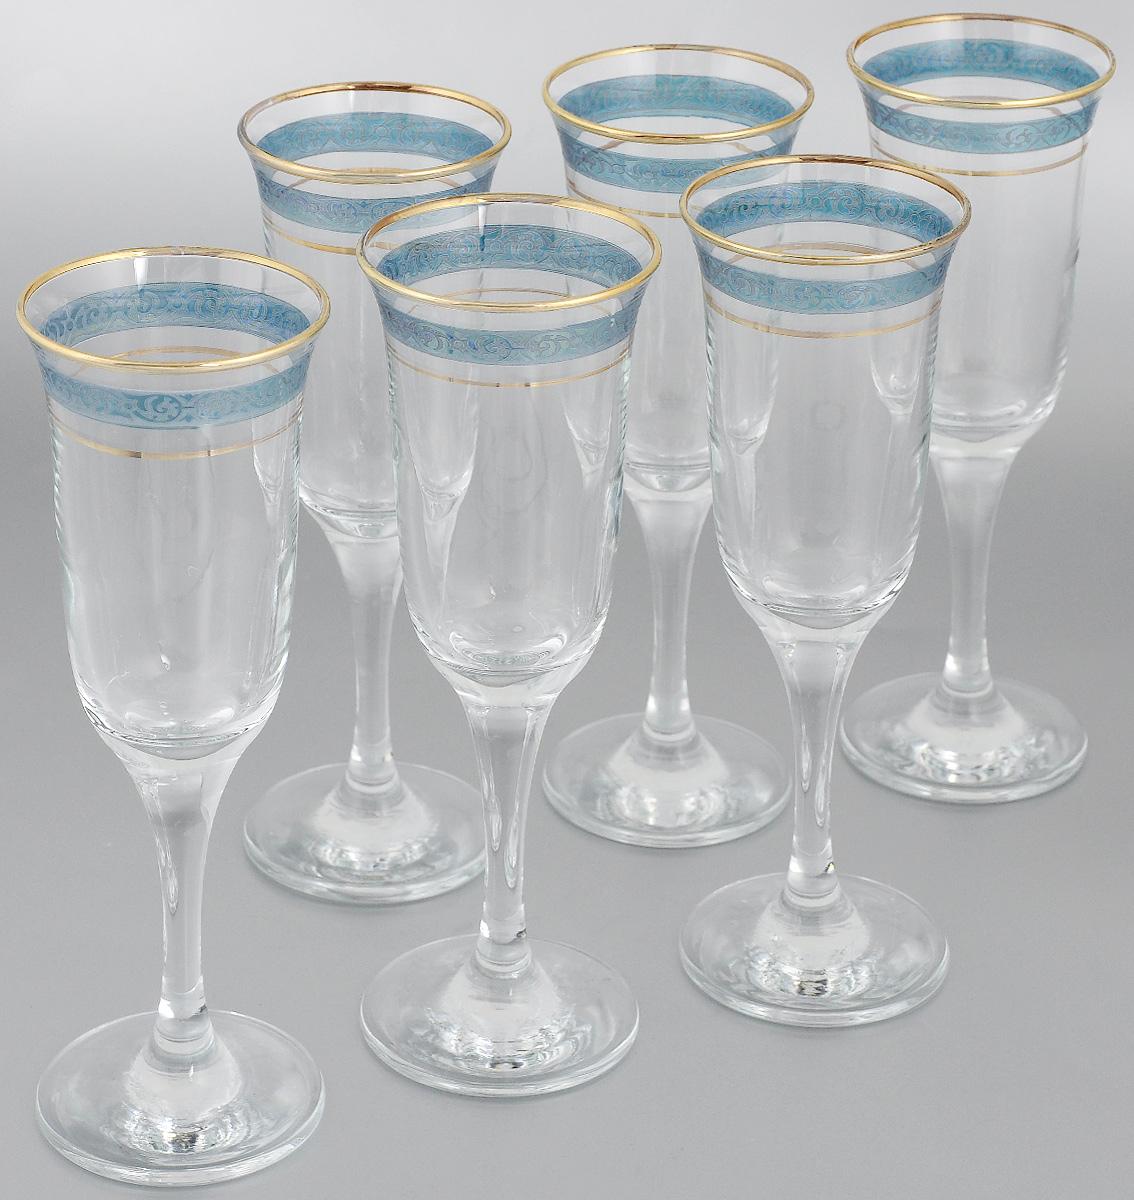 Набор бокалов Гусь-Хрустальный Махараджа, цвет: прозрачный, золотистый, синий, 210 мл, 6 штH9995Набор Гусь-Хрустальный Махараджа состоит из 6 бокалов на длинных ножках, изготовленных из высококачественного натрий-кальций-силикатного стекла. Изделия оформлены красивым зеркальным покрытием и матовым орнаментом. Такой набор прекрасно дополнит праздничный стол и станет желанным подарком в любом доме. Диаметр бокала (по верхнему краю): 7 см. Высота бокала: 22 см. Диаметр основания бокала: 7 см.